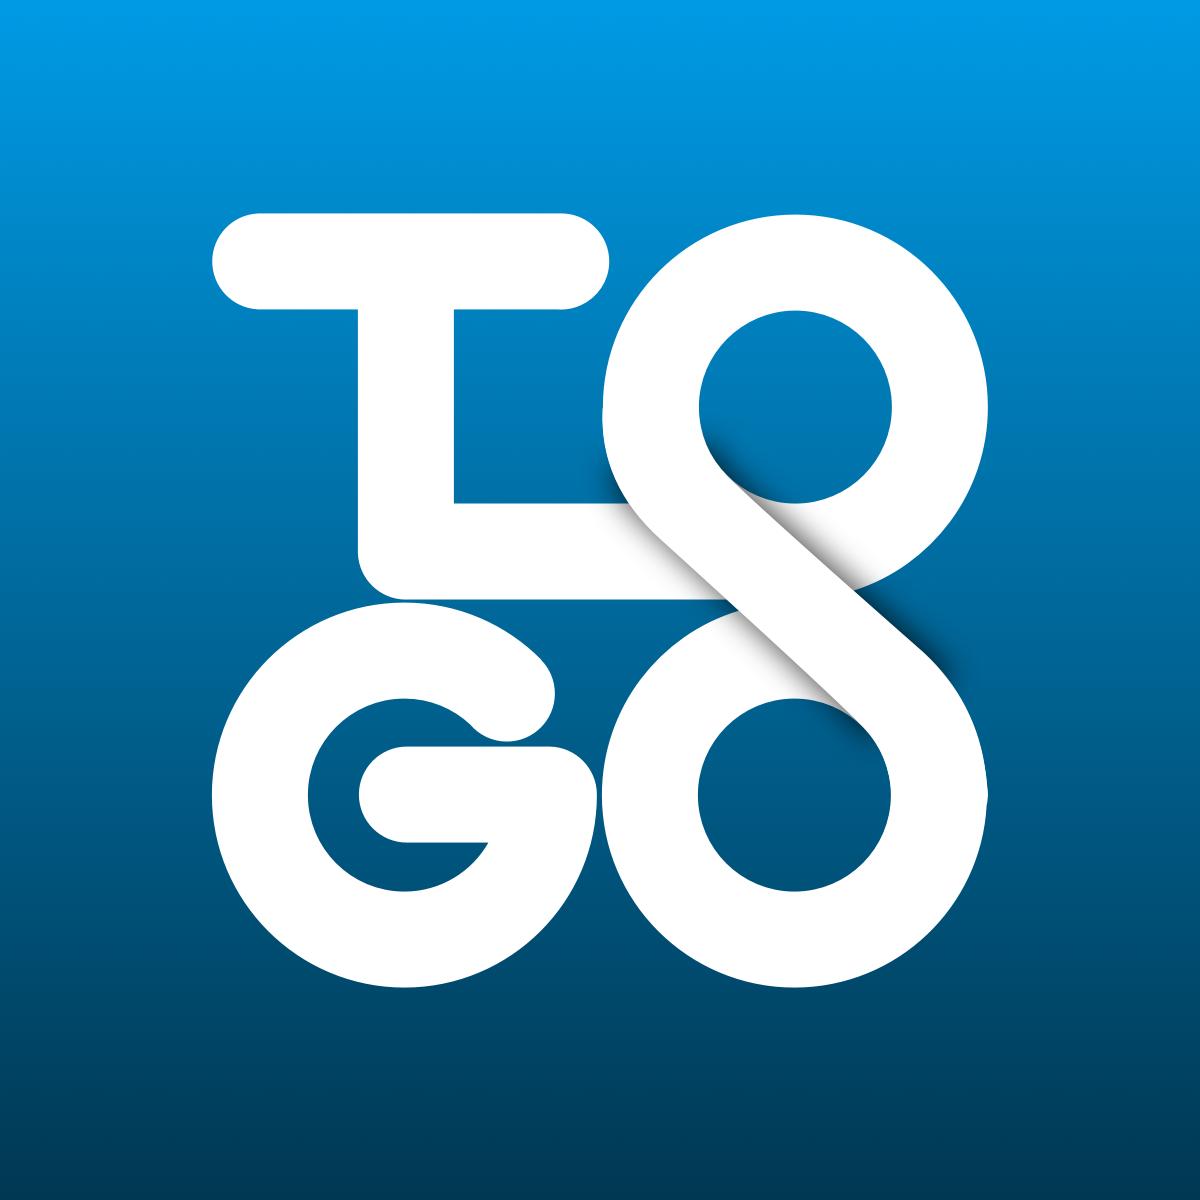 Разработать логотип и экран загрузки приложения фото f_9555a8744eb67c09.png